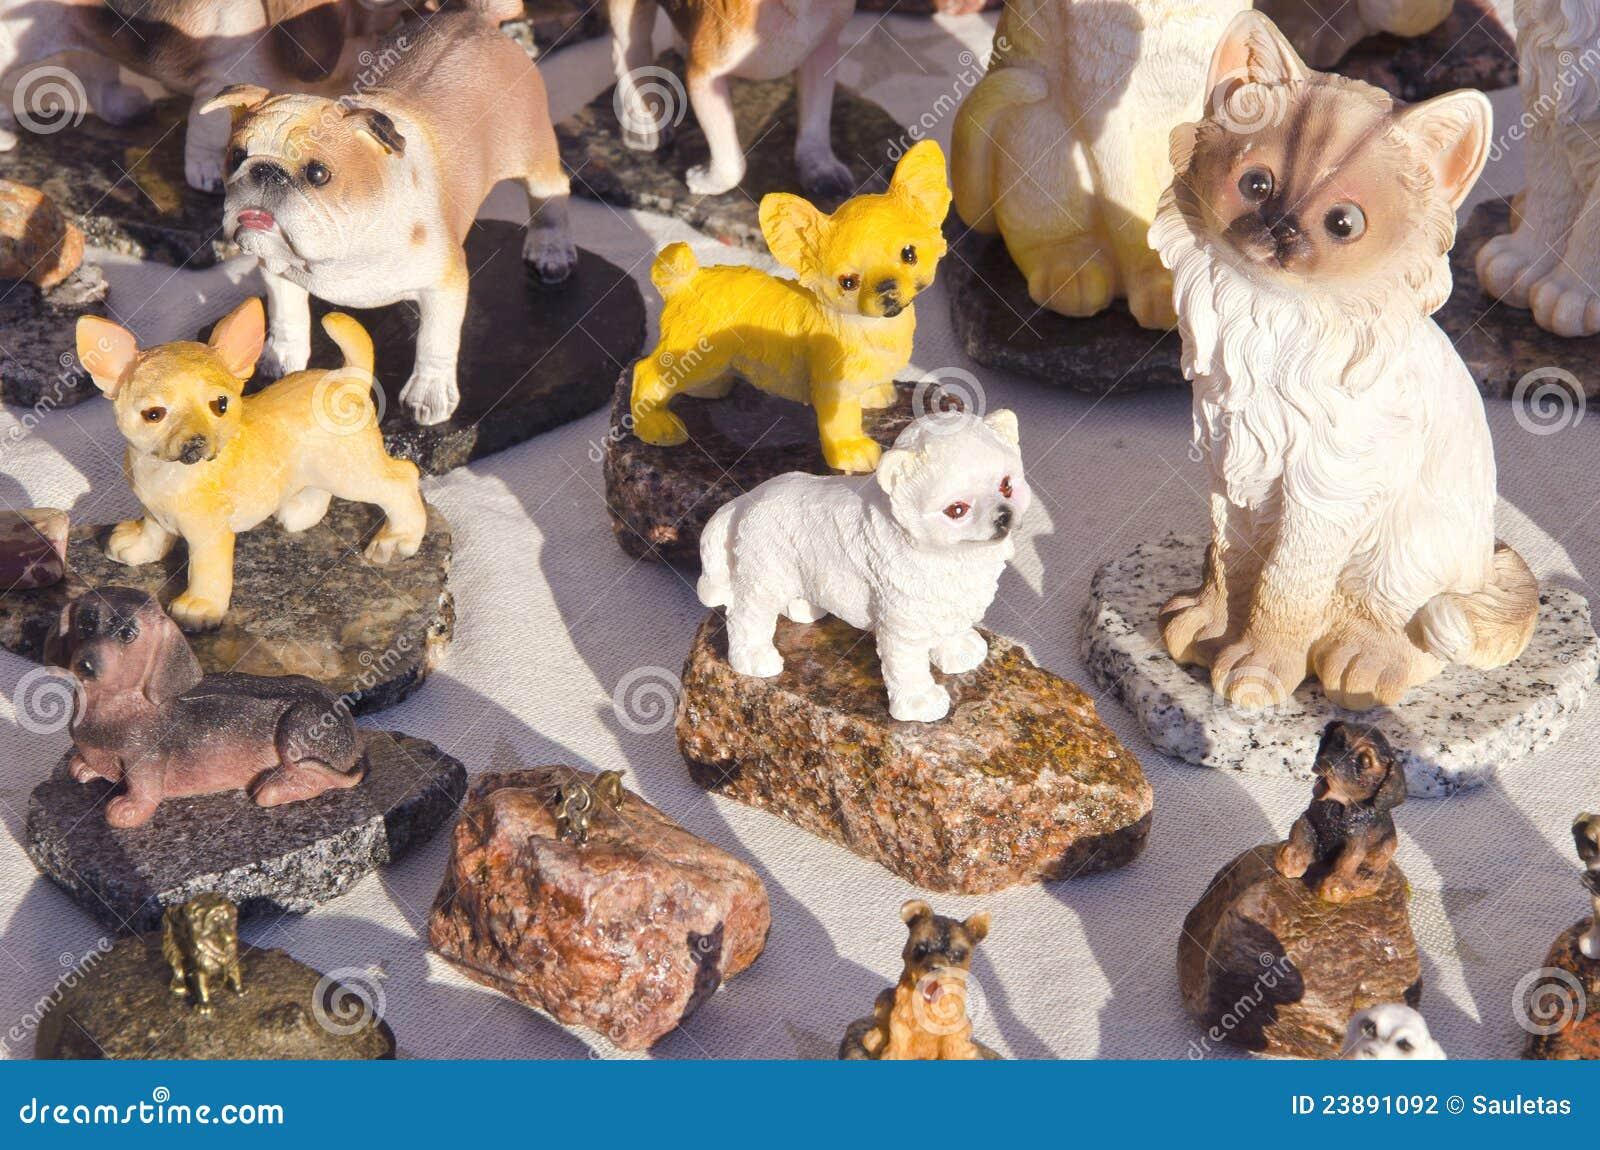 För lerahund för katt handgjord sell för keramiska figurines ganska